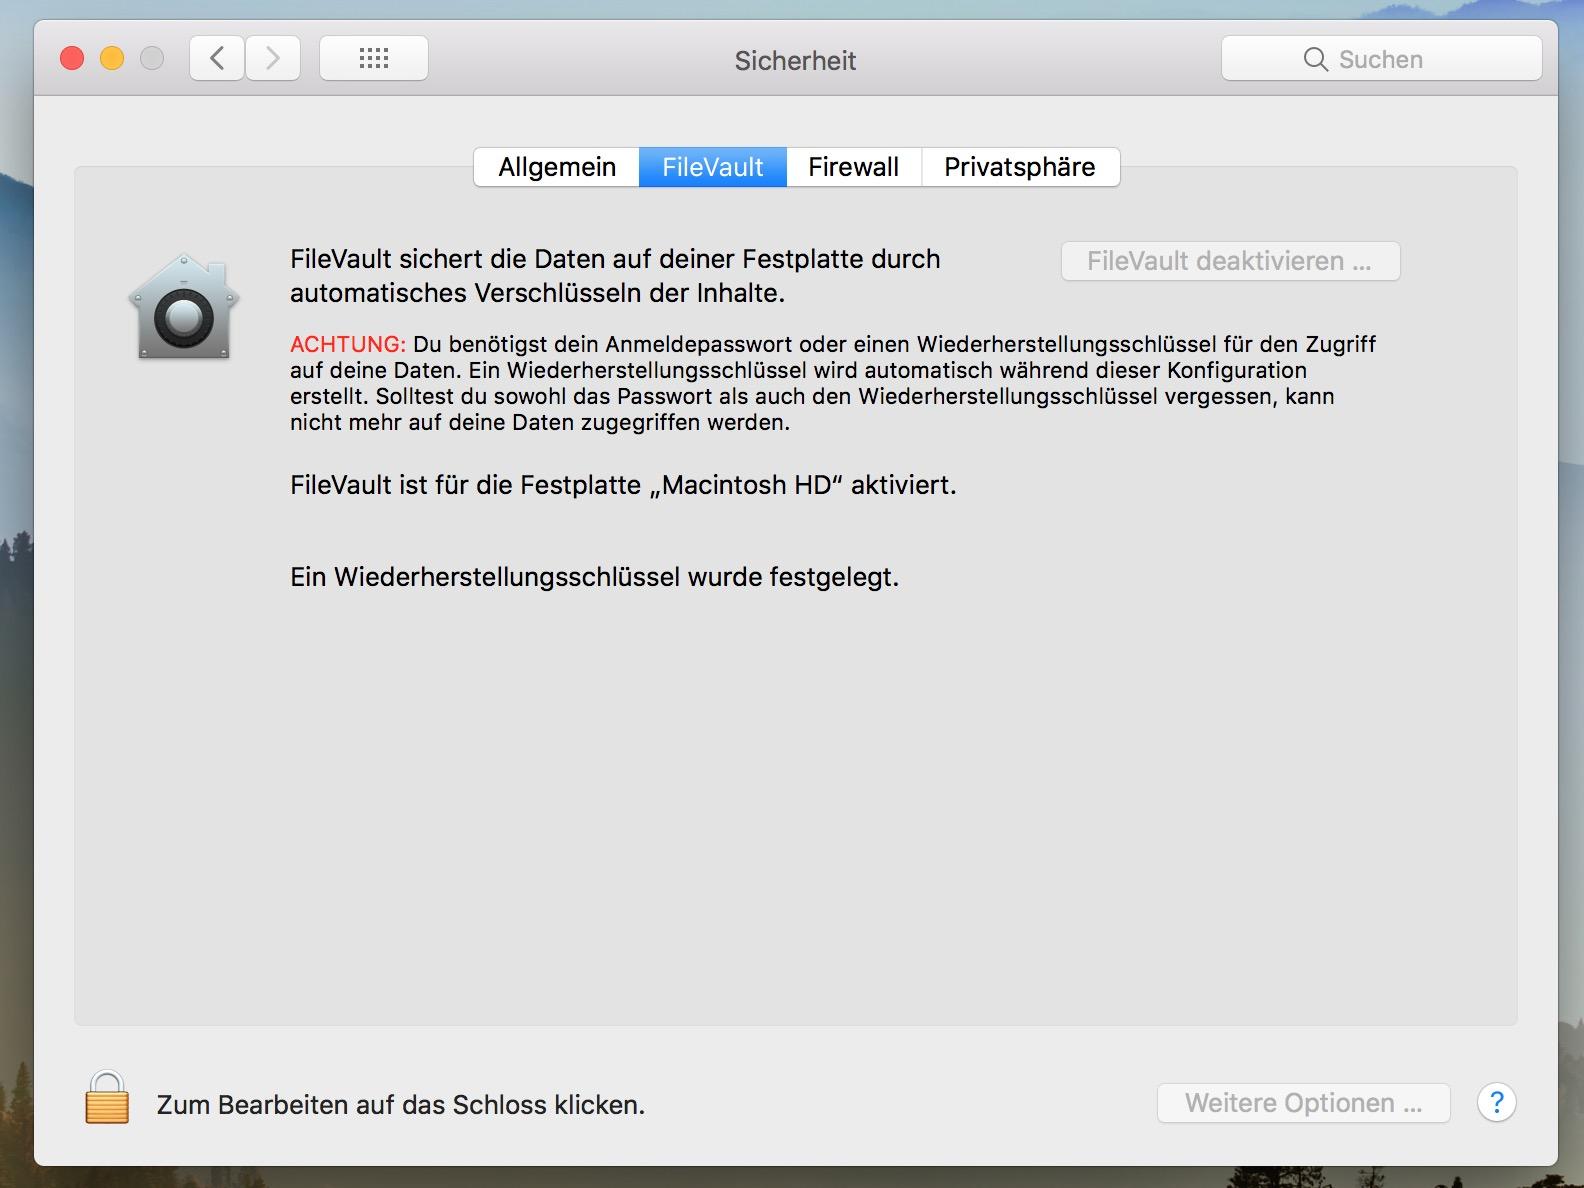 Der macOS FileVault verschlüsselt die Daten auf dem Mac